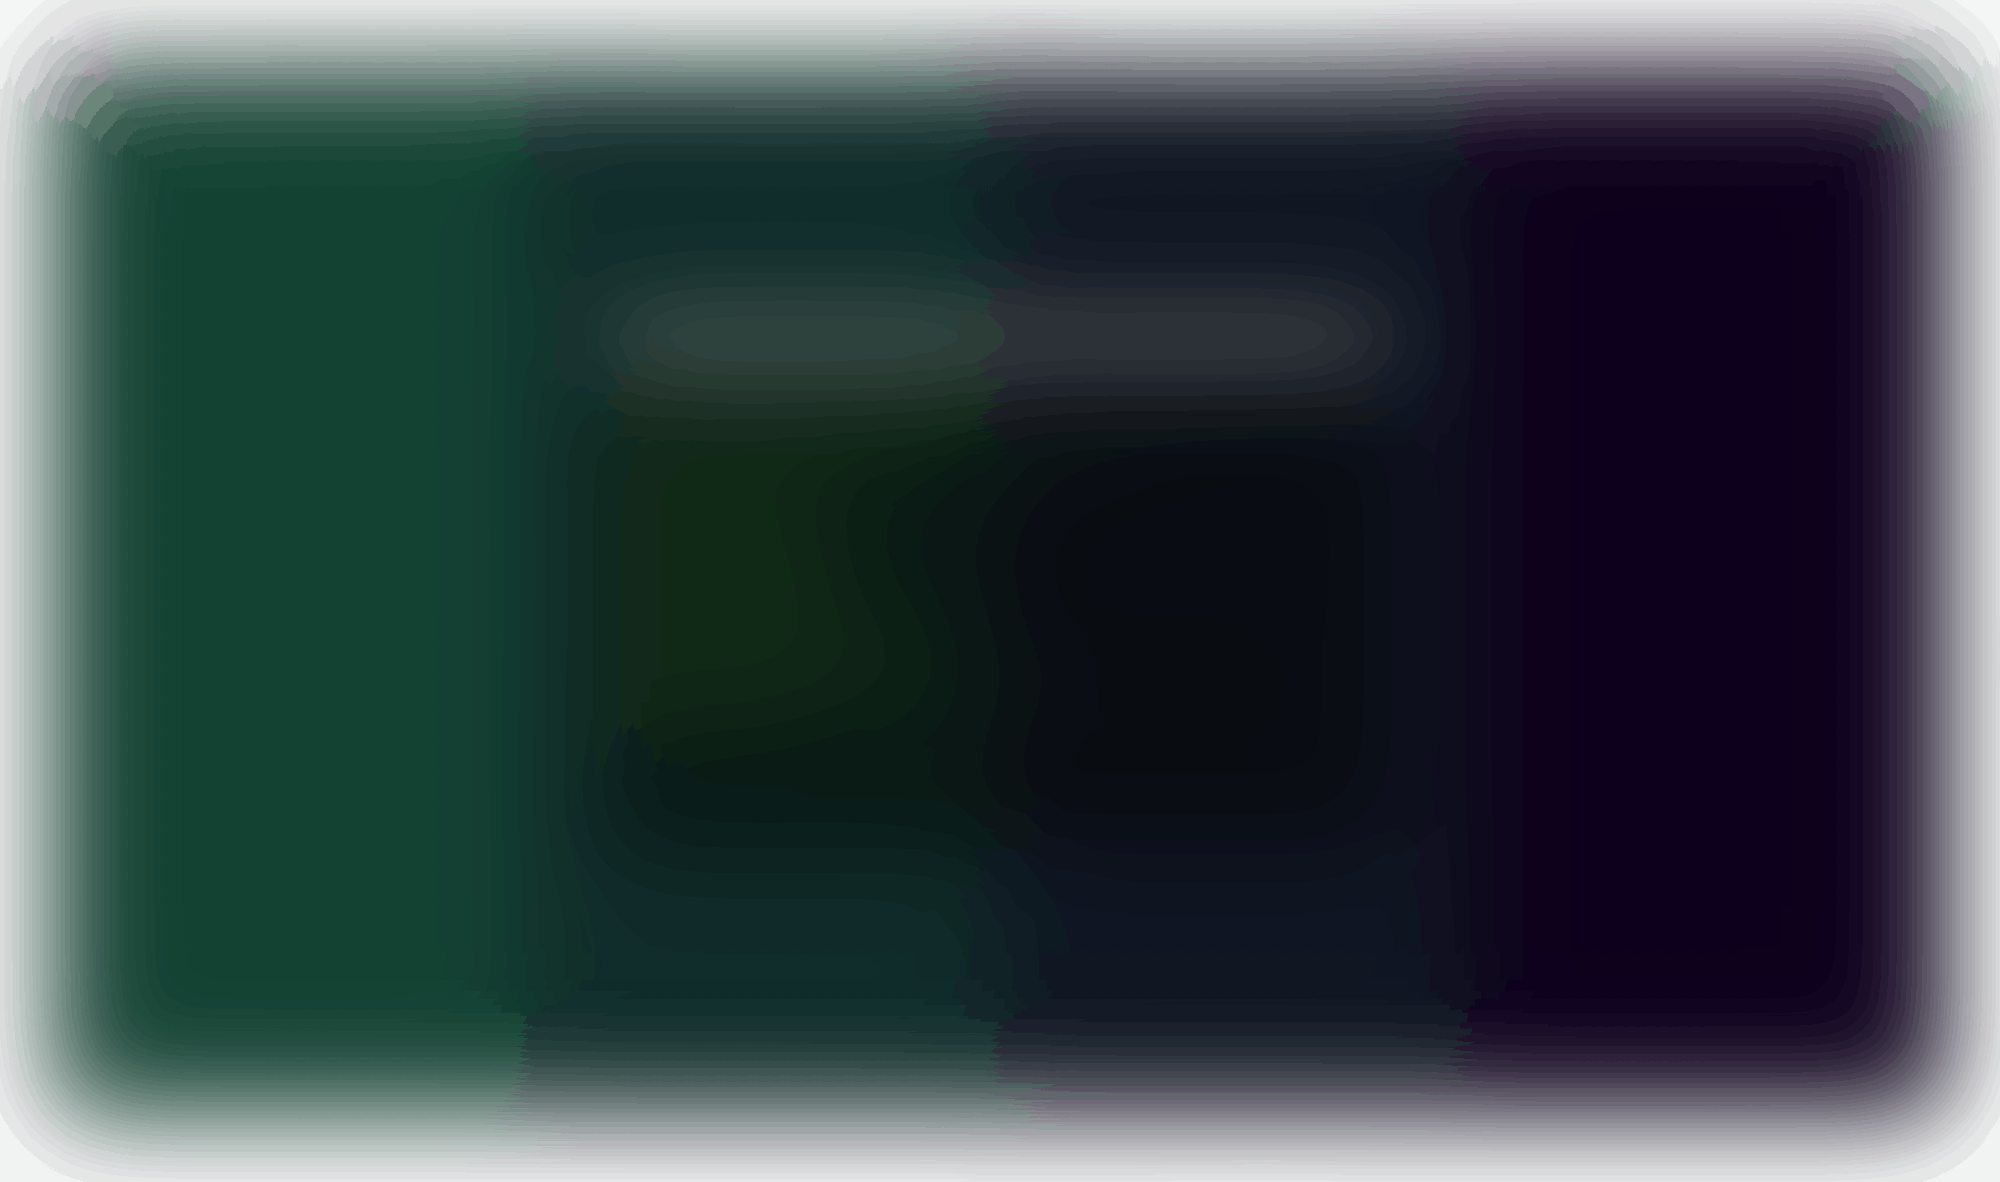 Whatyoufeel art project autocompressfitresizeixlibphp 1 1 0max h2000max w3 D2000q80sa12bdd28c7141cddd7a69b4ad3126438